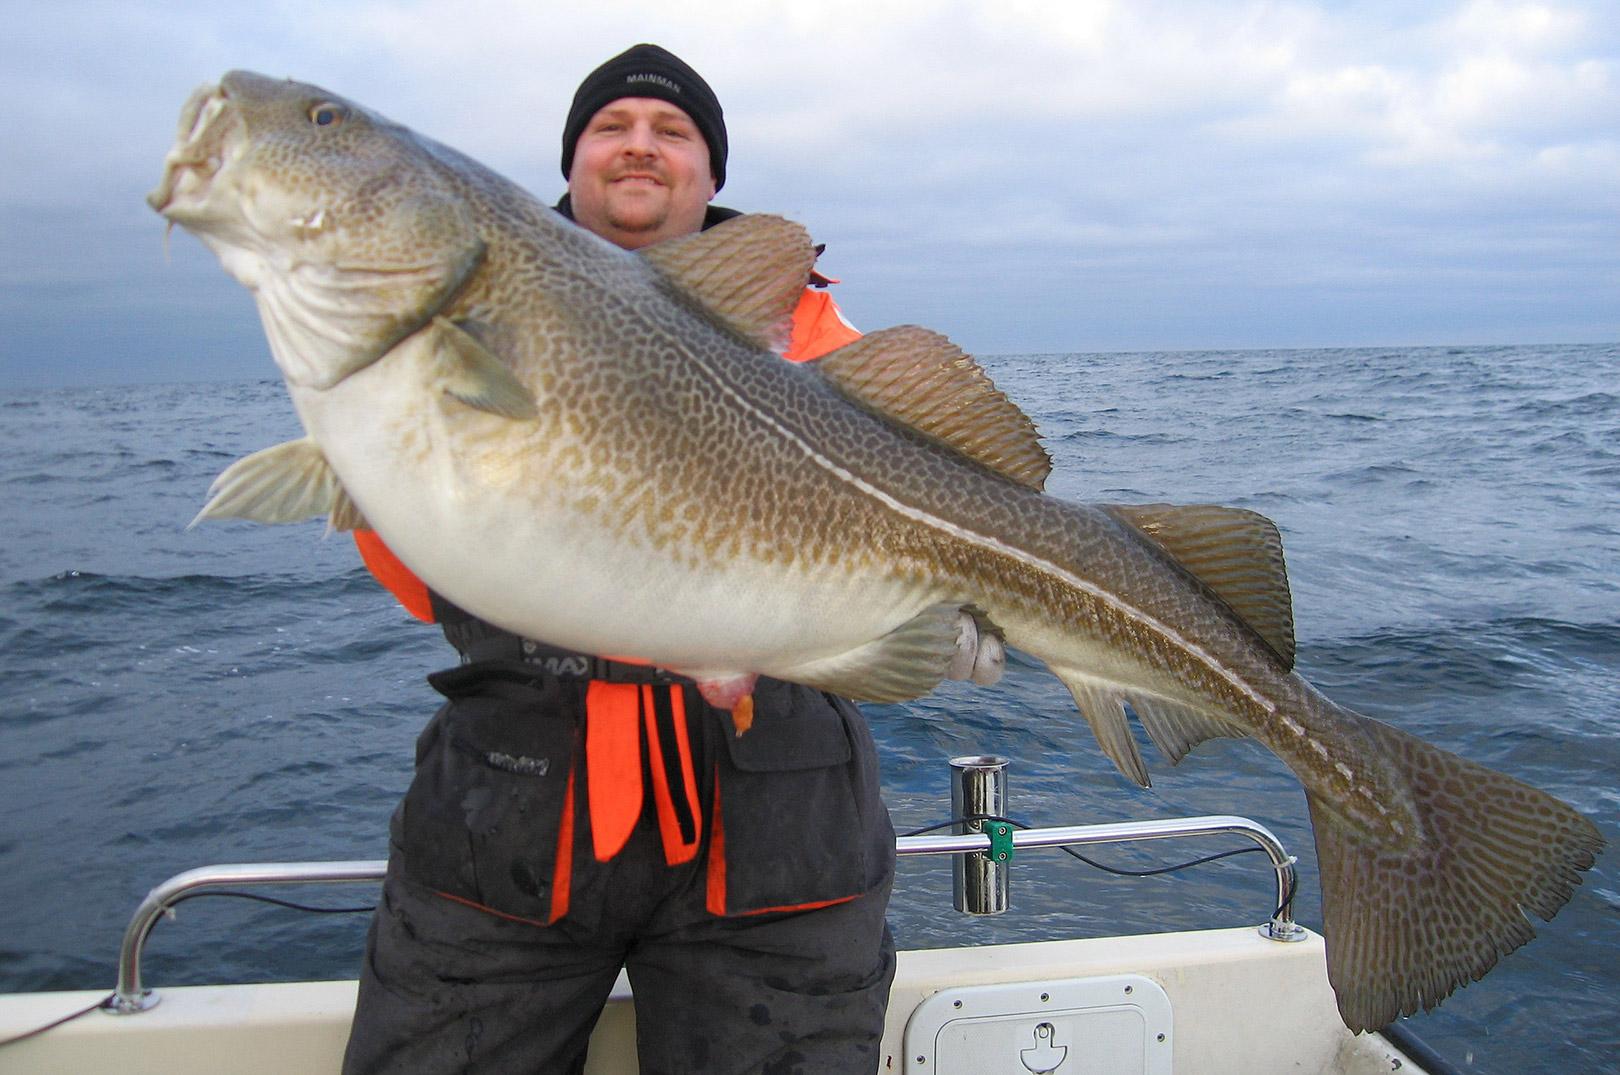 Casper med sin PFB torsk på 29,3 kilo fra havet ud for Stevns.